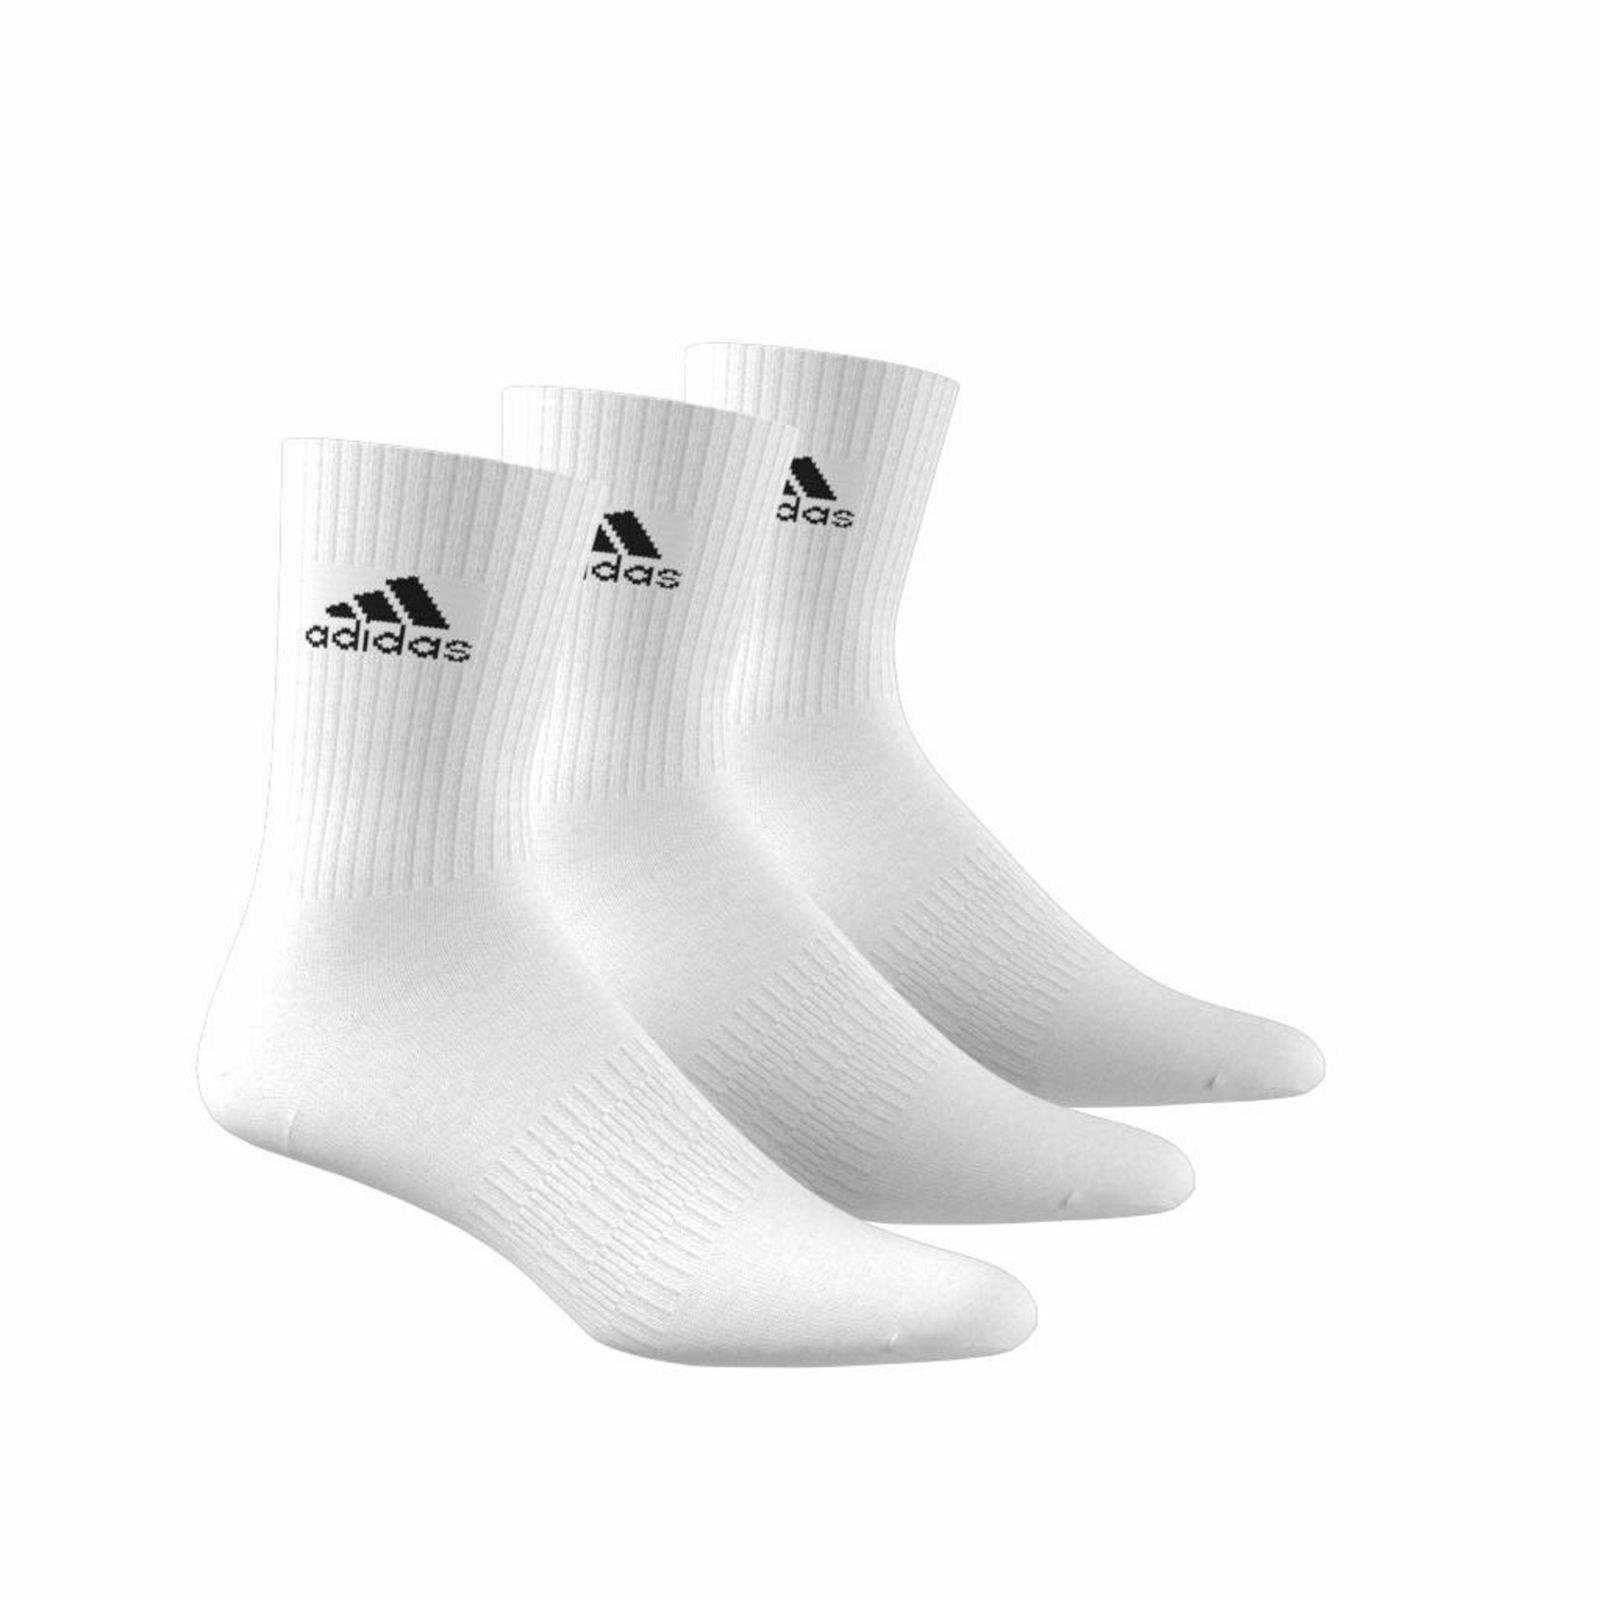 adidas Damen Herren Socken CUSHION CREW Socks Strümpfe weiß 3er Pack DZ9356